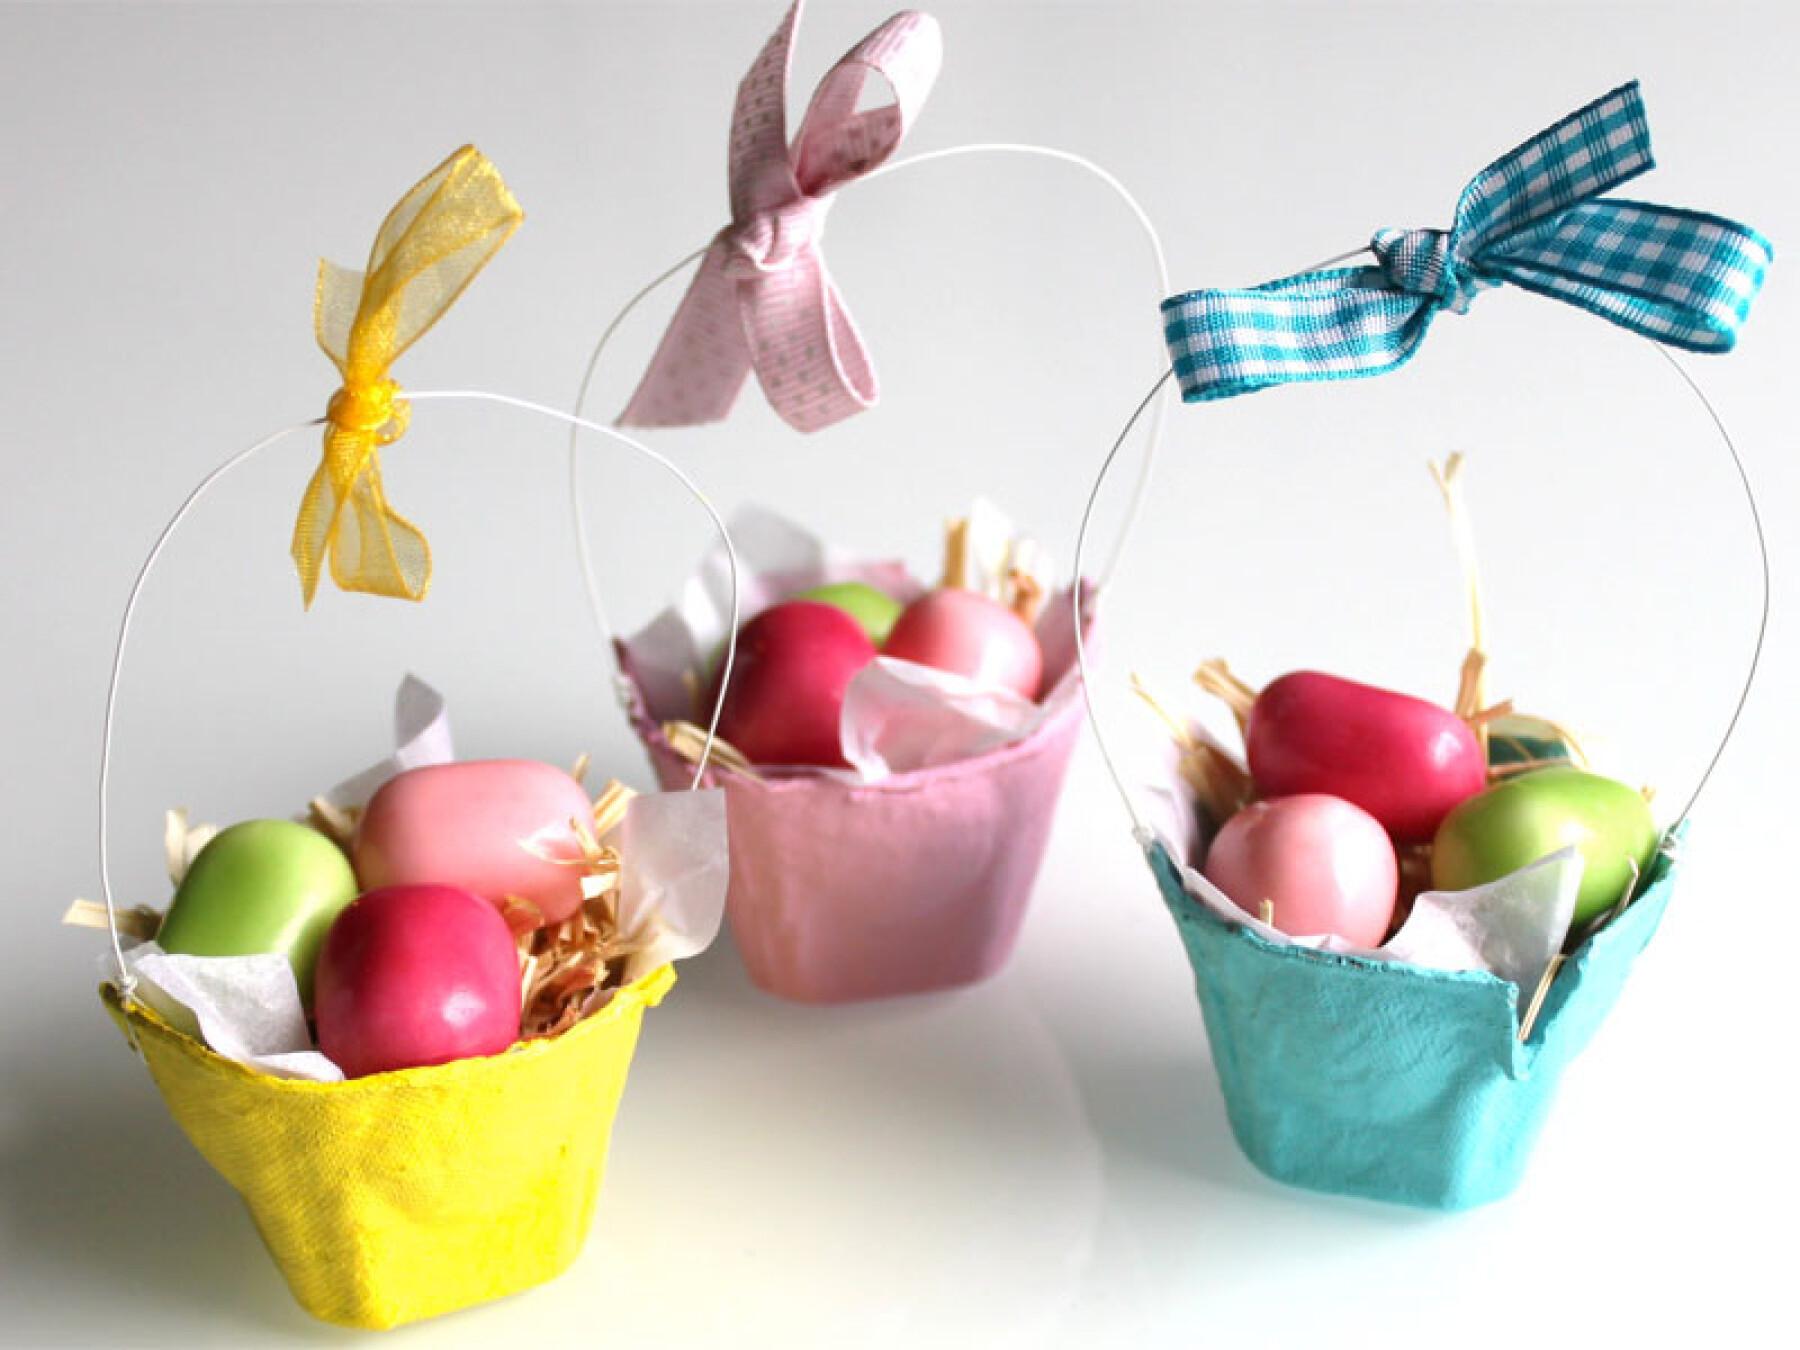 13 bricolages avec des boîtes d'œufs